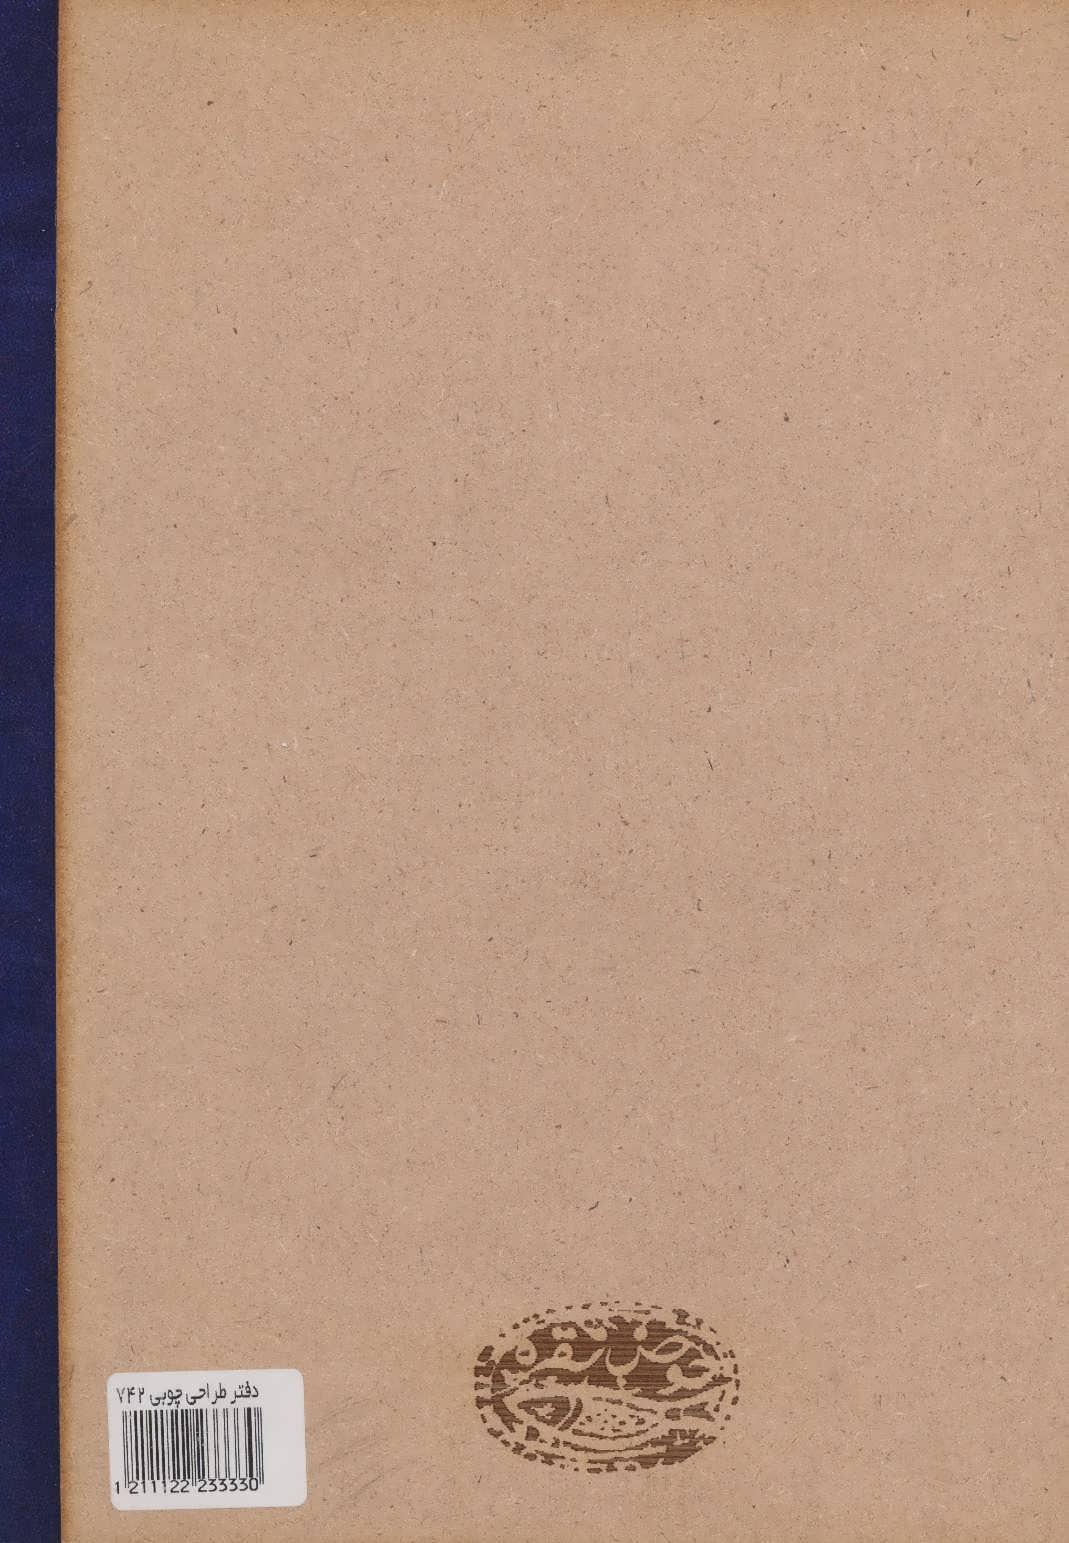 دفتر طراحی چوبی (کد 742)